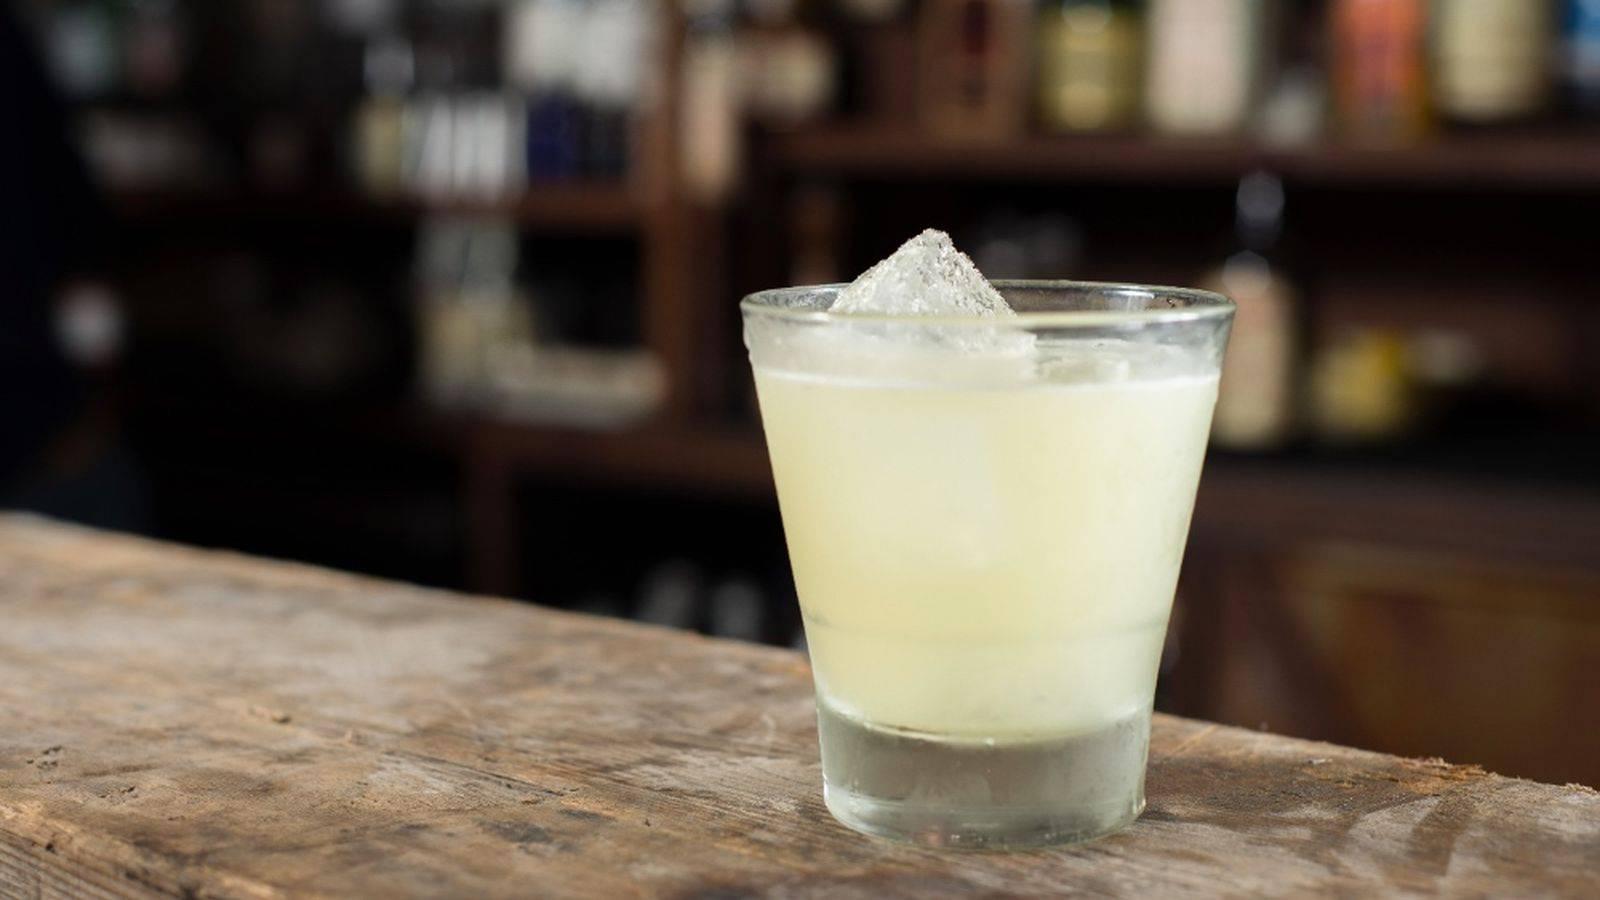 Текила бум (tequila boom): рецепт приготовления и употребление коктейля